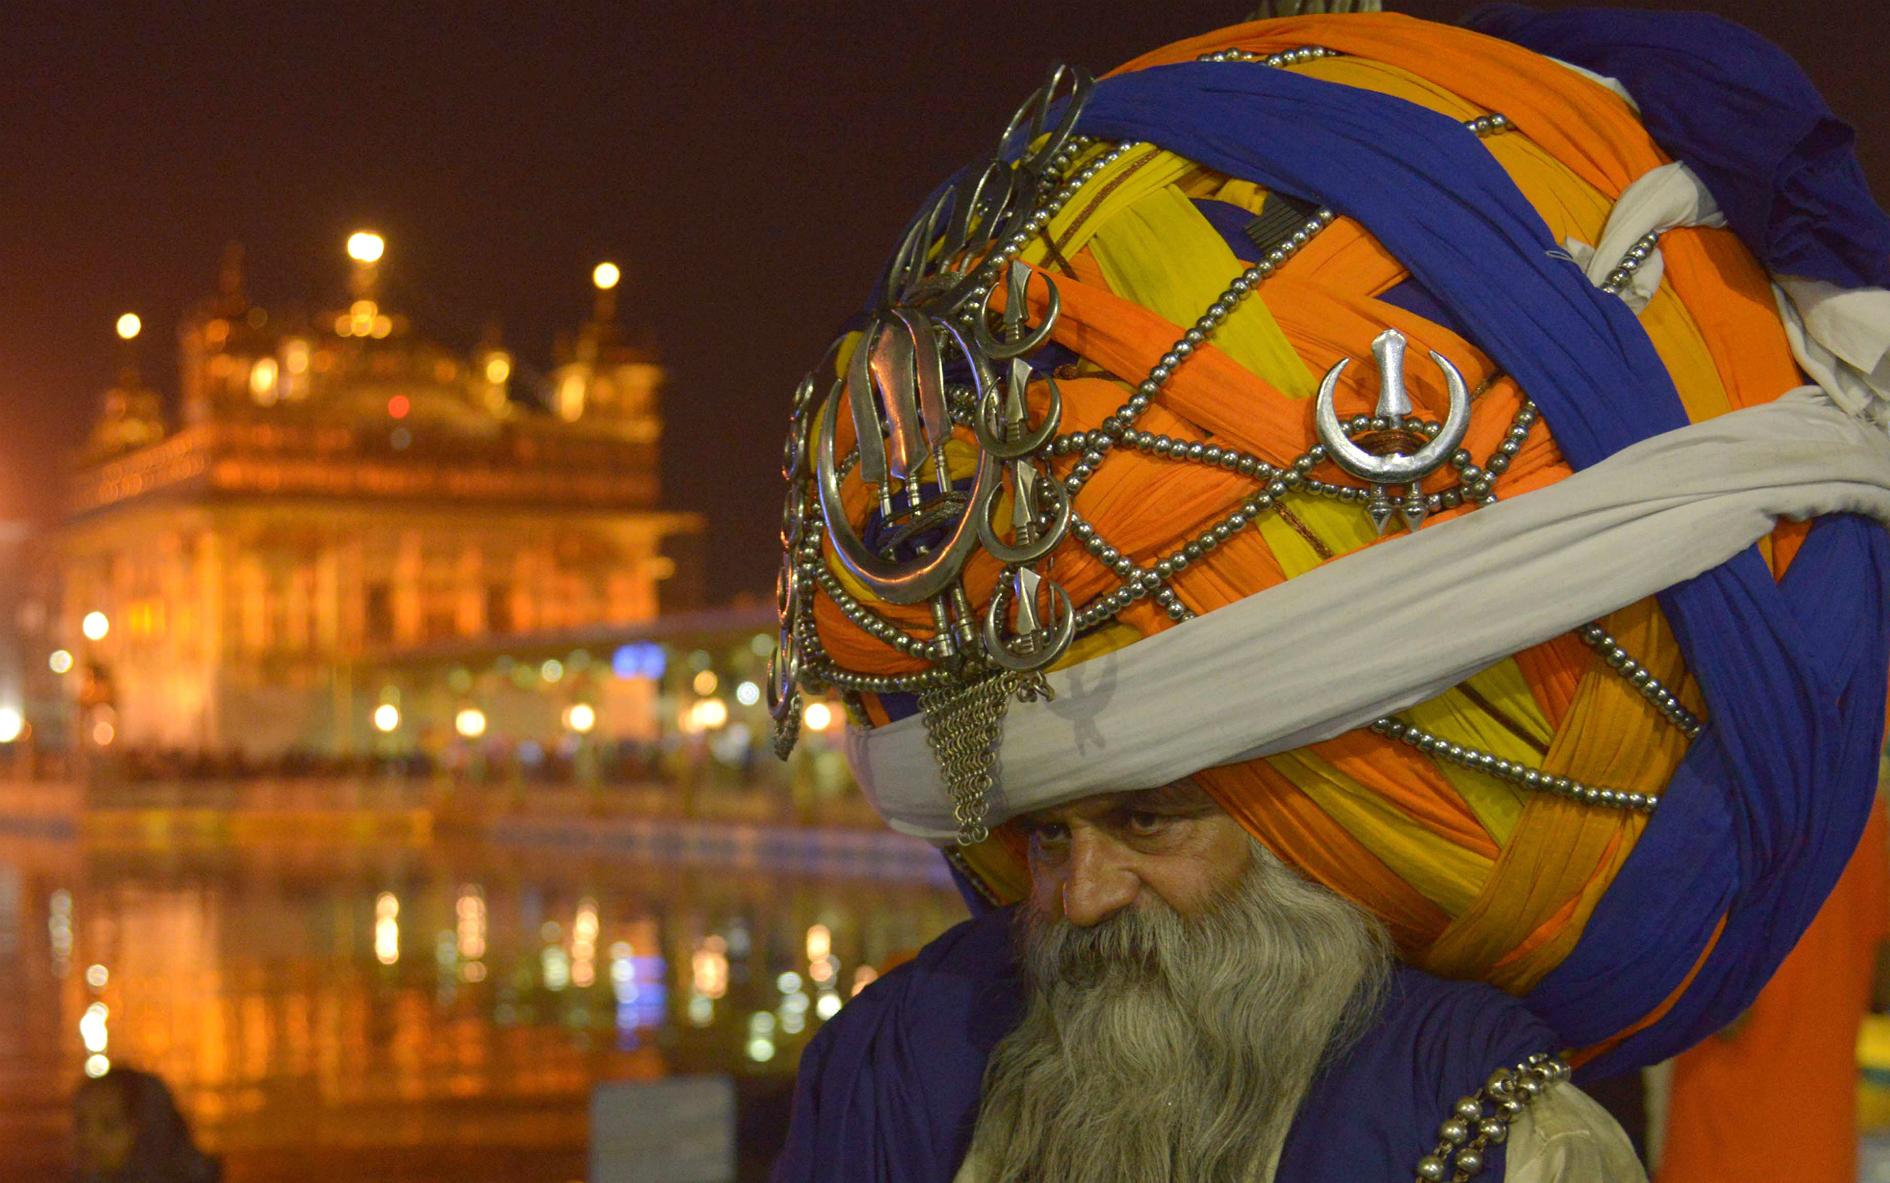 Un guerrero religioso tradicional de la India lleva un turbante gigante de gran tamaño en la víspera del festival hindú de Diwali. AFP NARINDER NANU